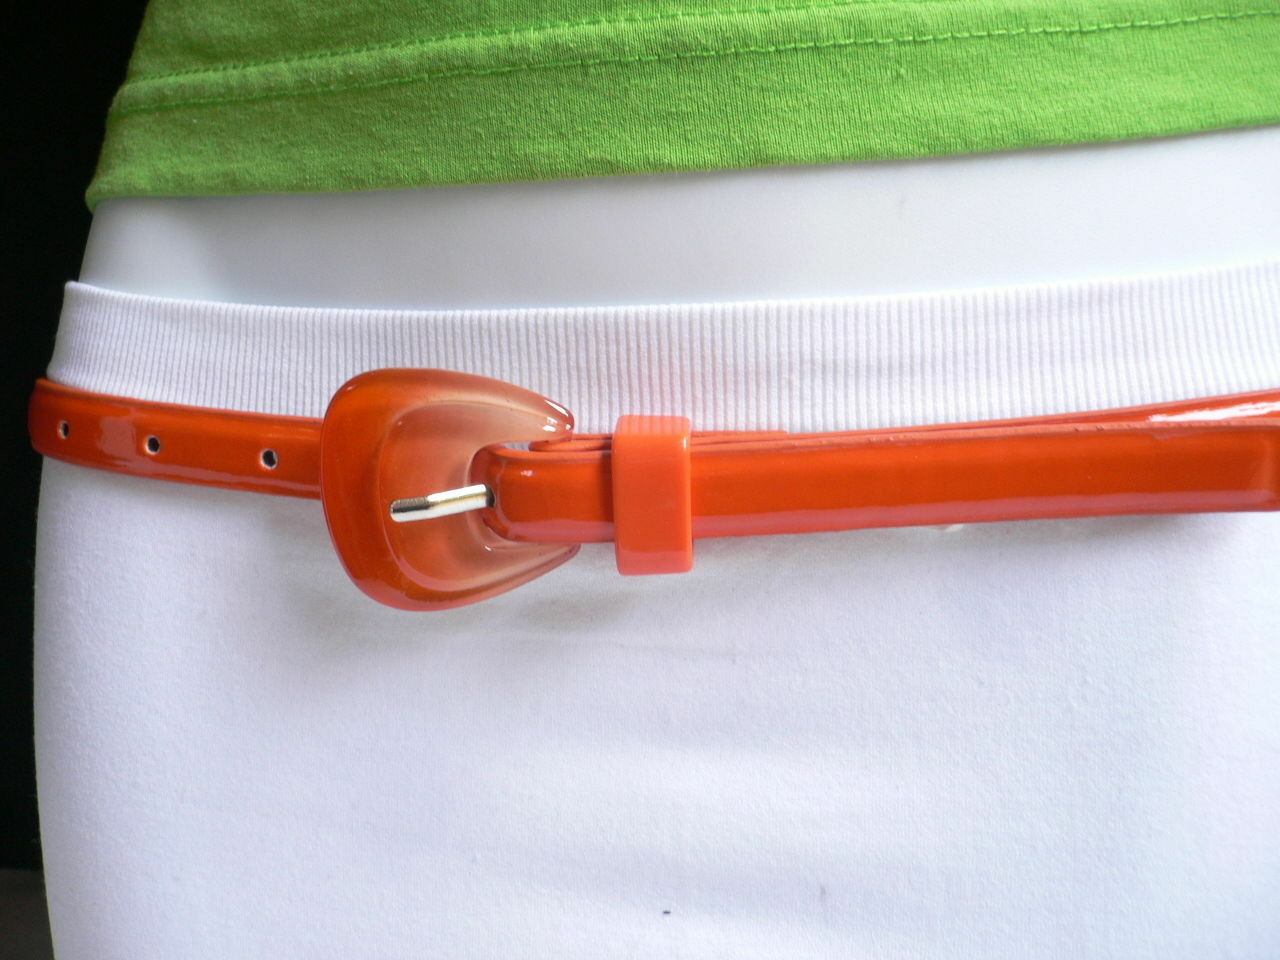 Neu Damen Mode Gürtel Trendy Skinny Hell Orange Kunstleder Schnalle S M image 5